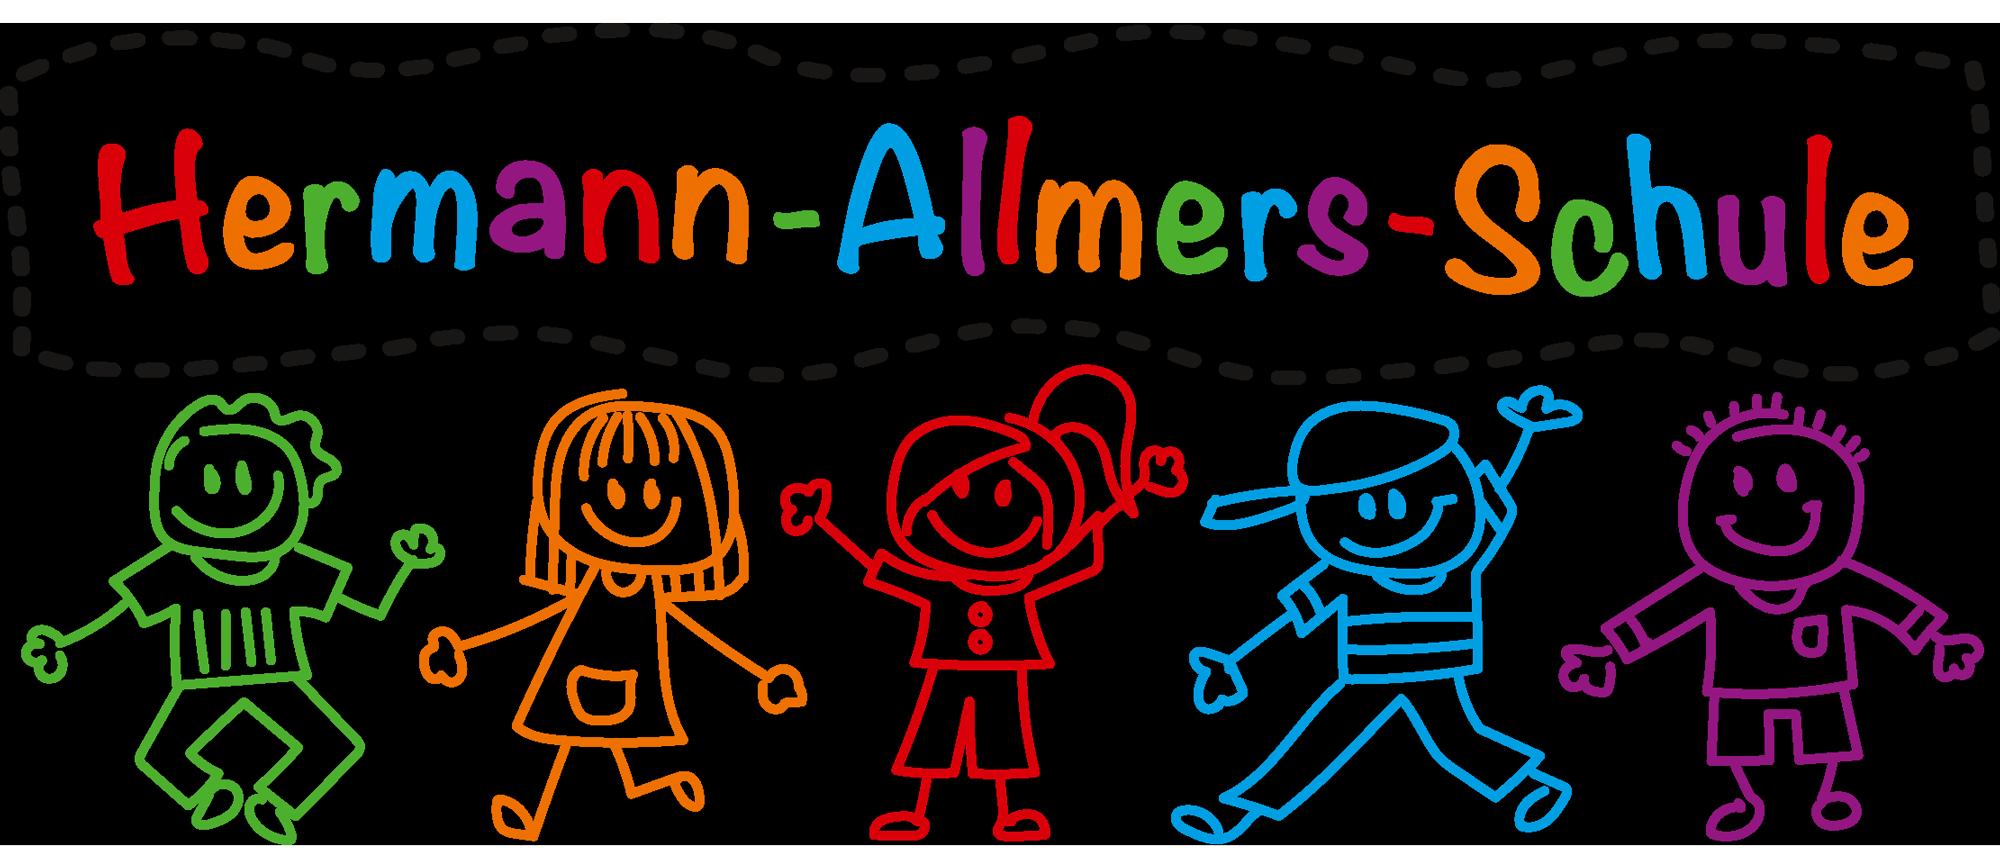 Hermann-Allmers-Schule